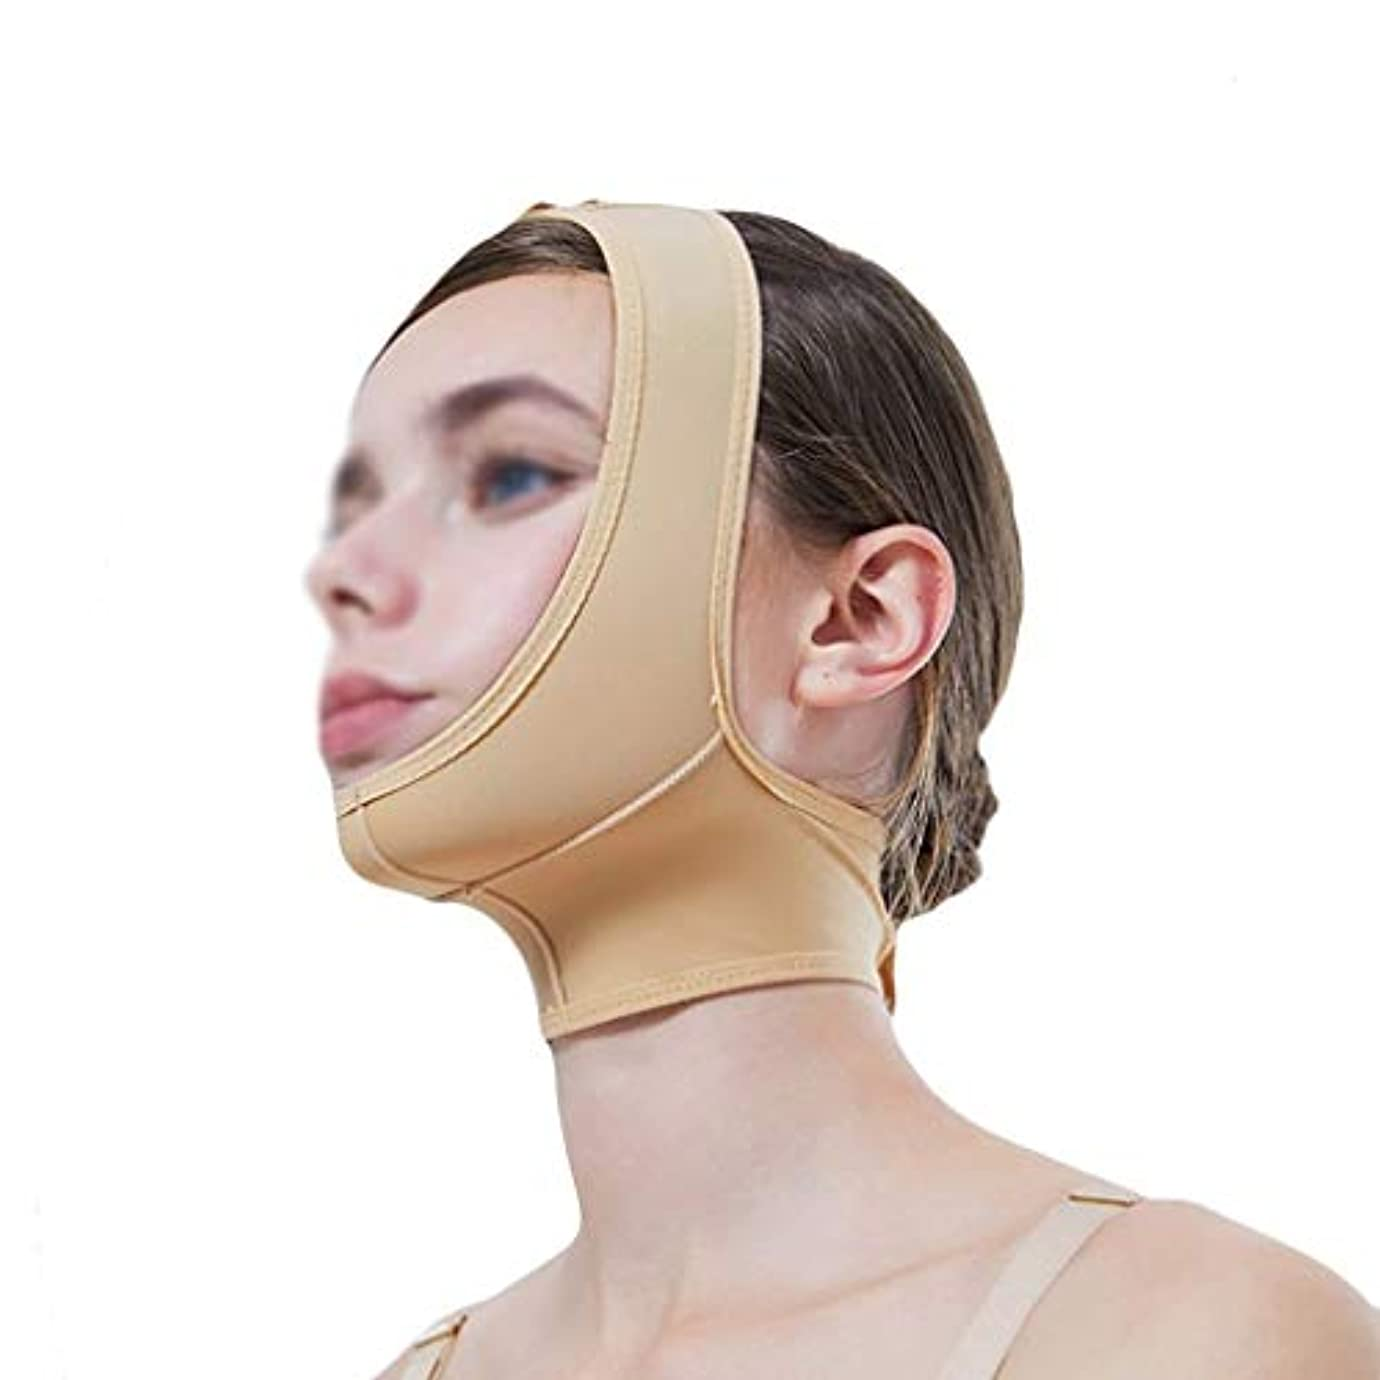 障害エリート突然マスク、超薄型ベルト、フェイスリフティングに適し、フェイスリフティング、通気性包帯、あご取りベルト、超薄型ベルト、通気性(サイズ:XL),S